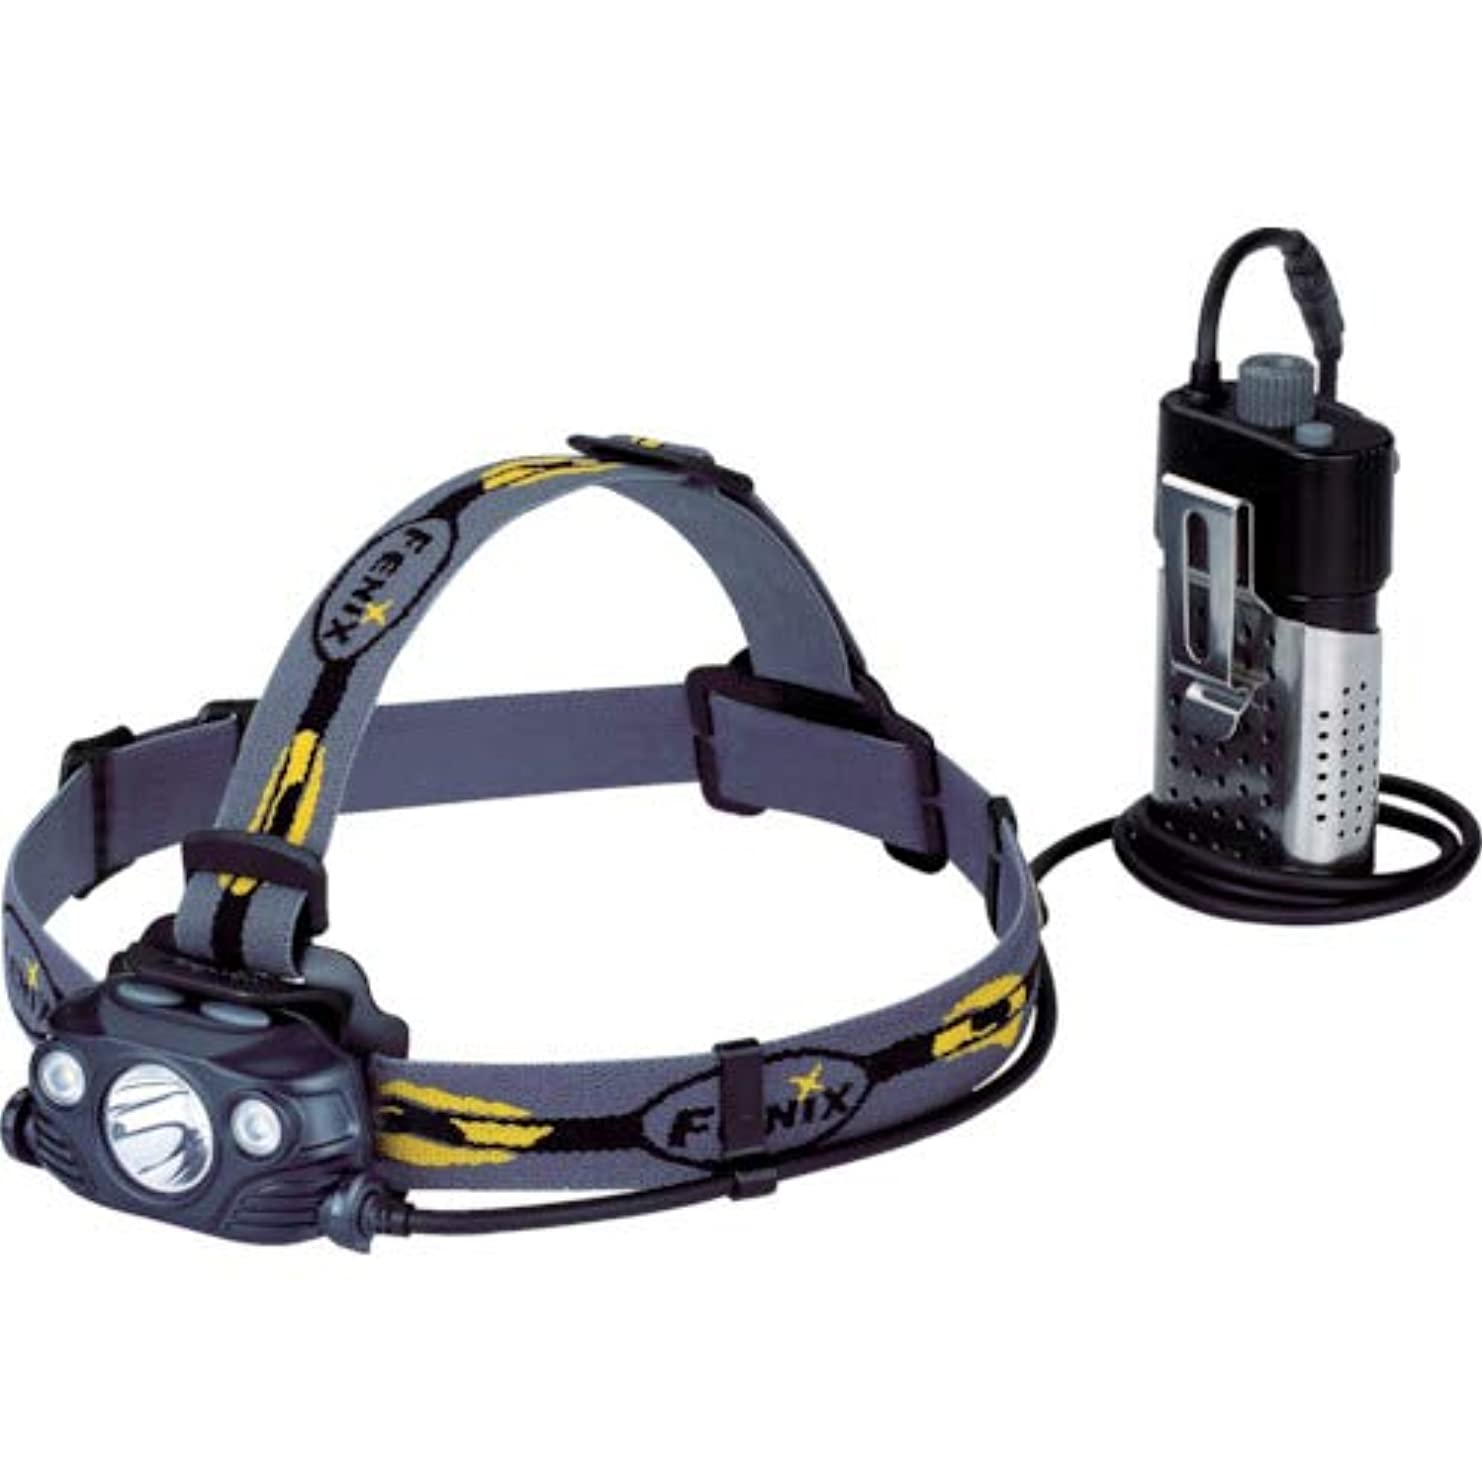 管理する申し立てる奨励しますFENIX(フェニックス) HP30R XM-L2/XM-G2 R5 LED ヘッドライト 明るさ最高1750ルーメン USB充電式 HP30R